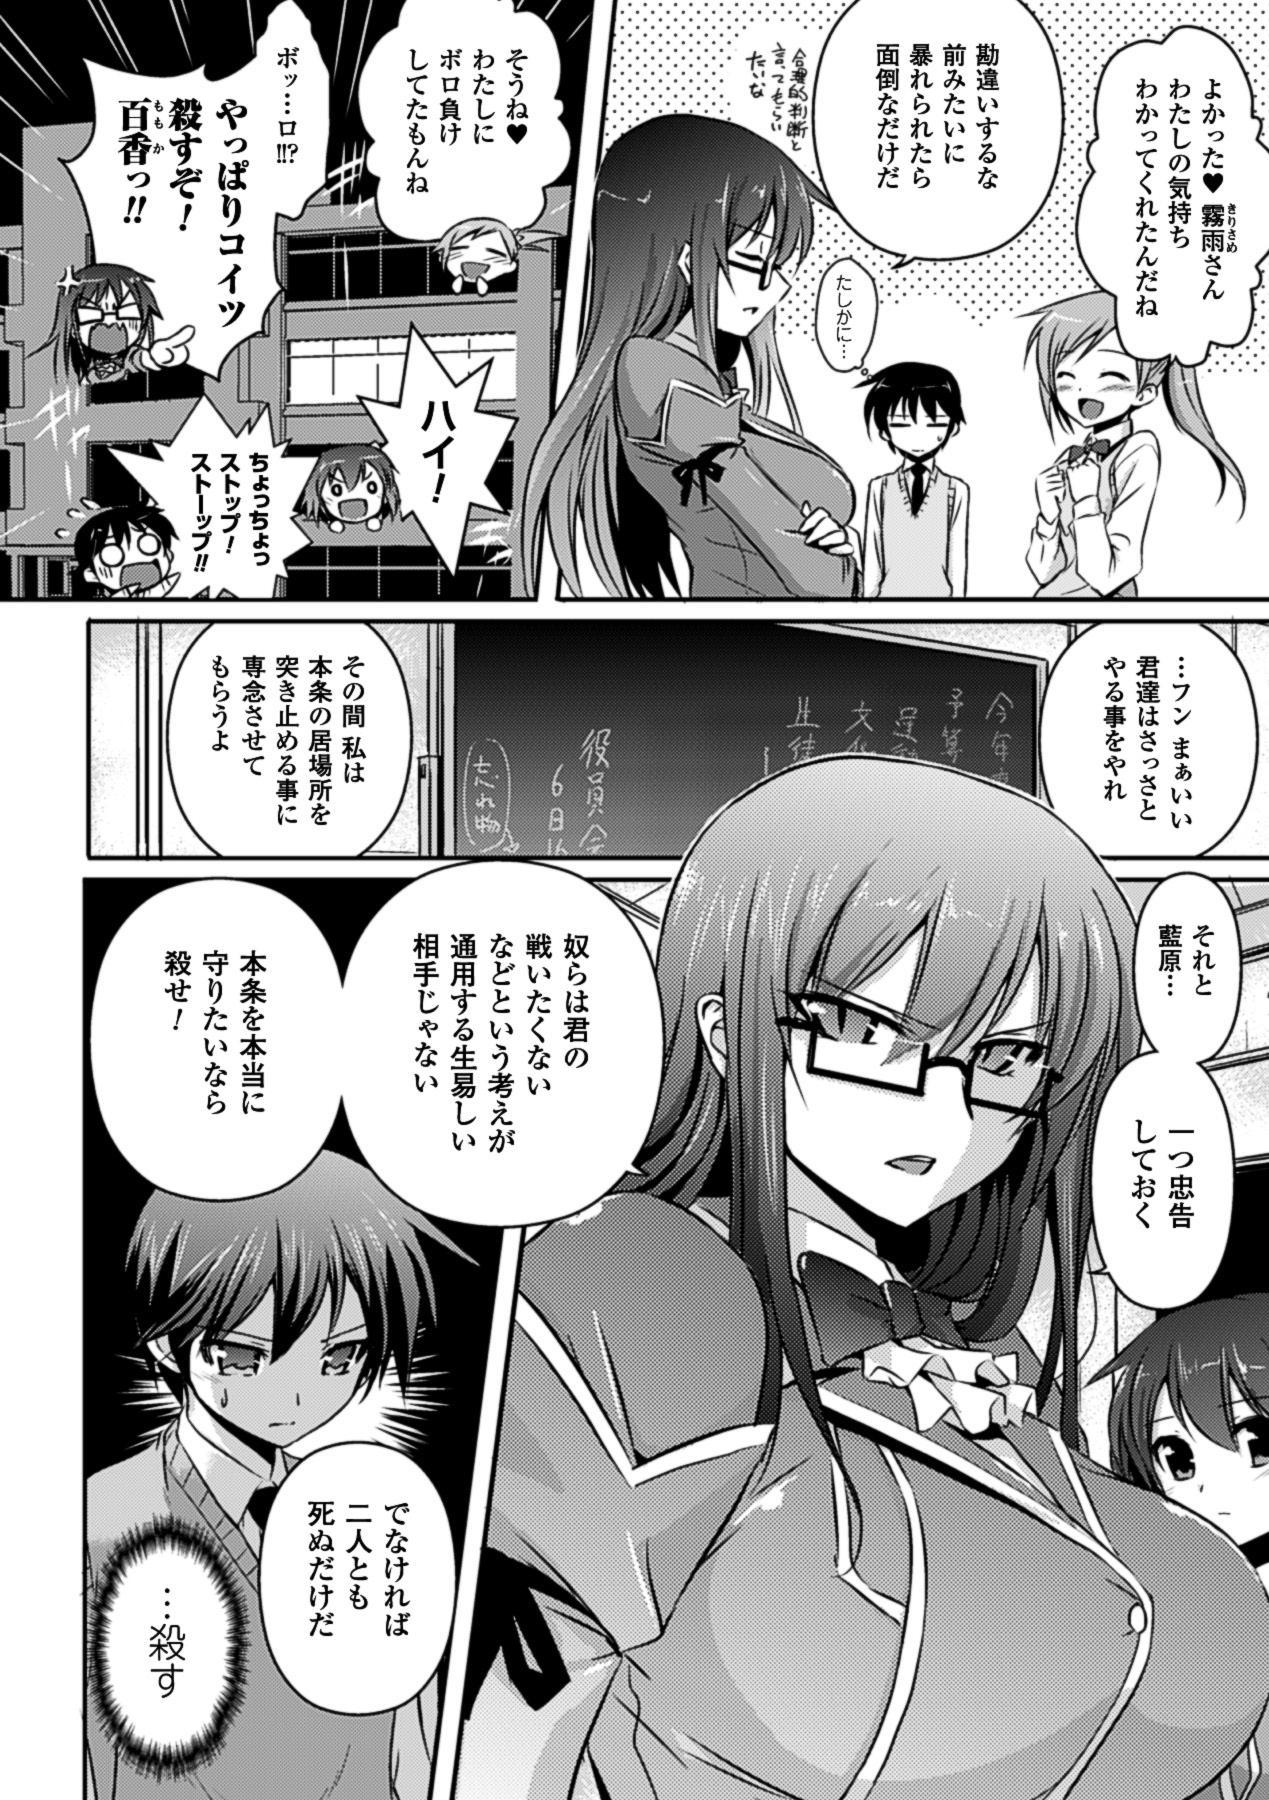 [Tokimaru Yoshihisa]Shakkou no Anti-Genesis Ch. 1-7 105